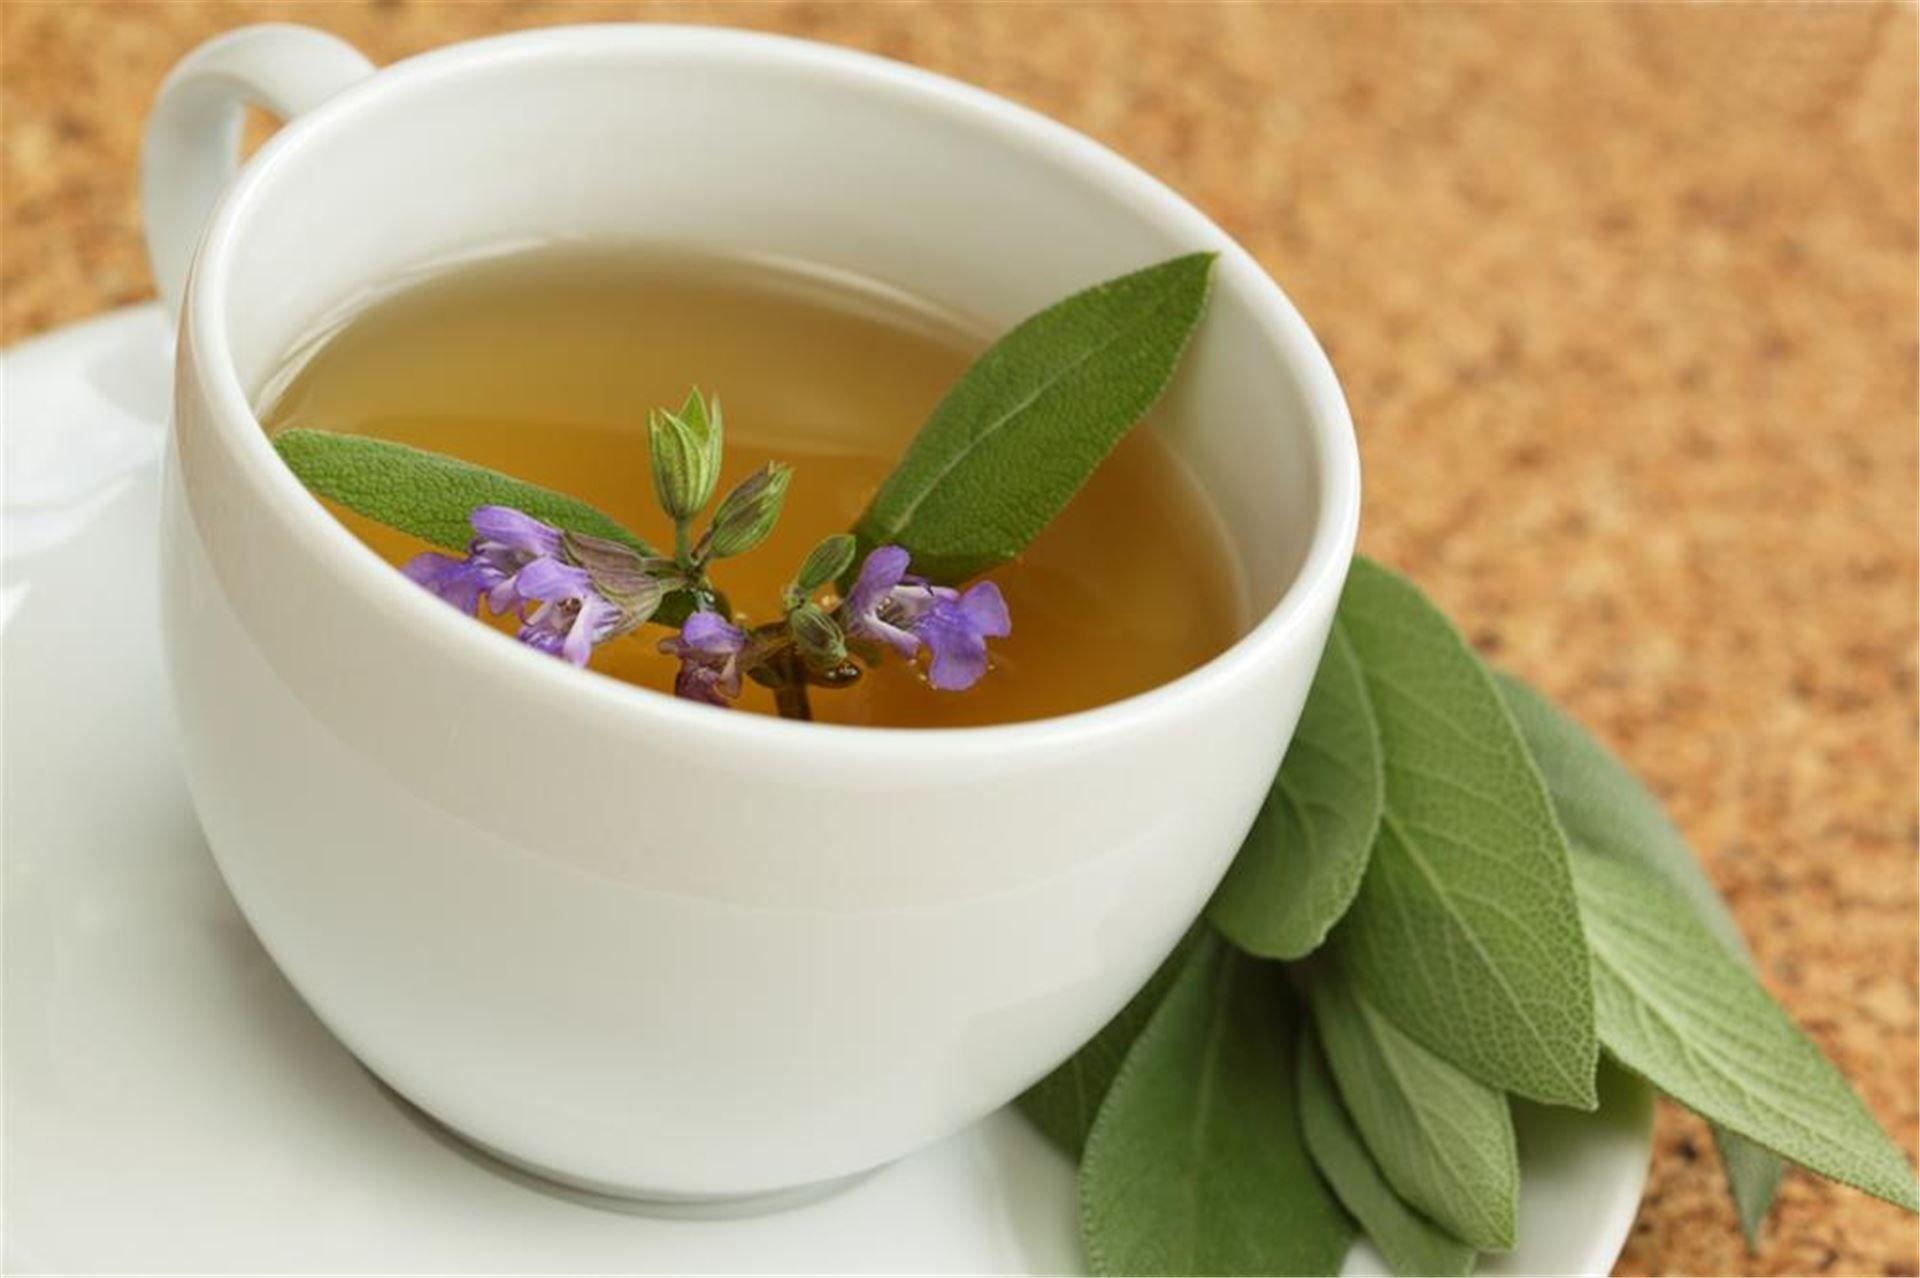 чай из шалфея в белой кружке